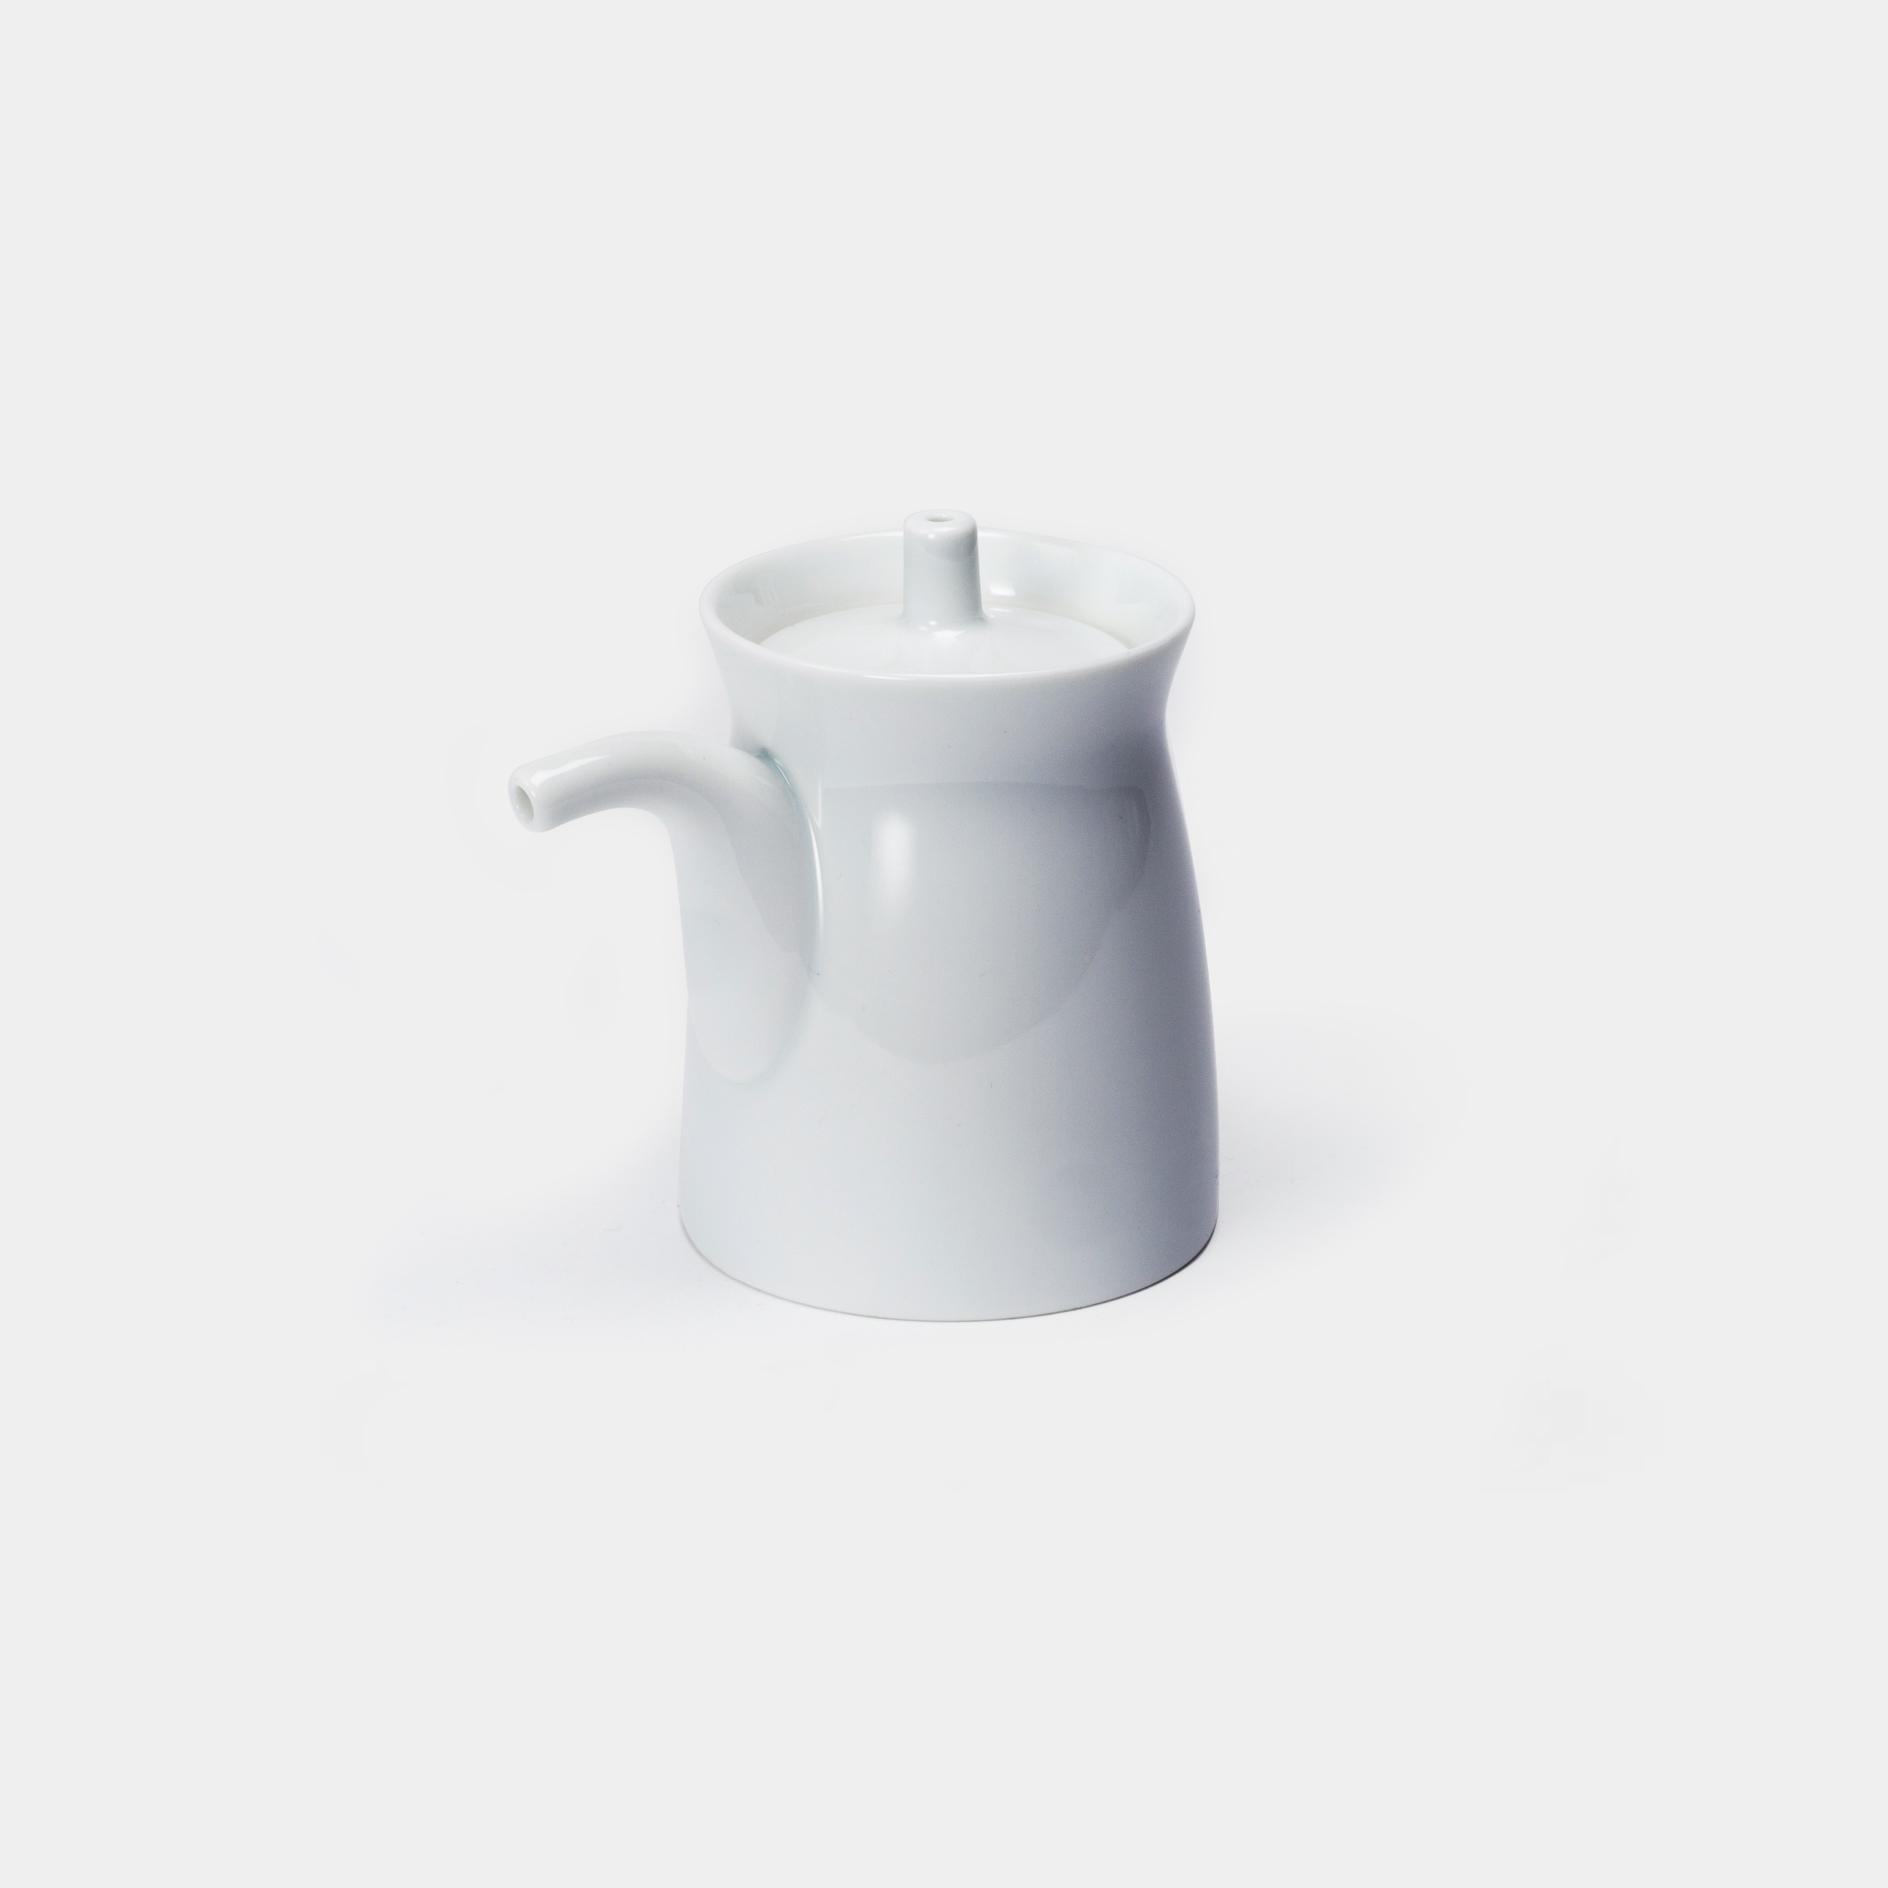 G-Type Soy Sauce Dispenser